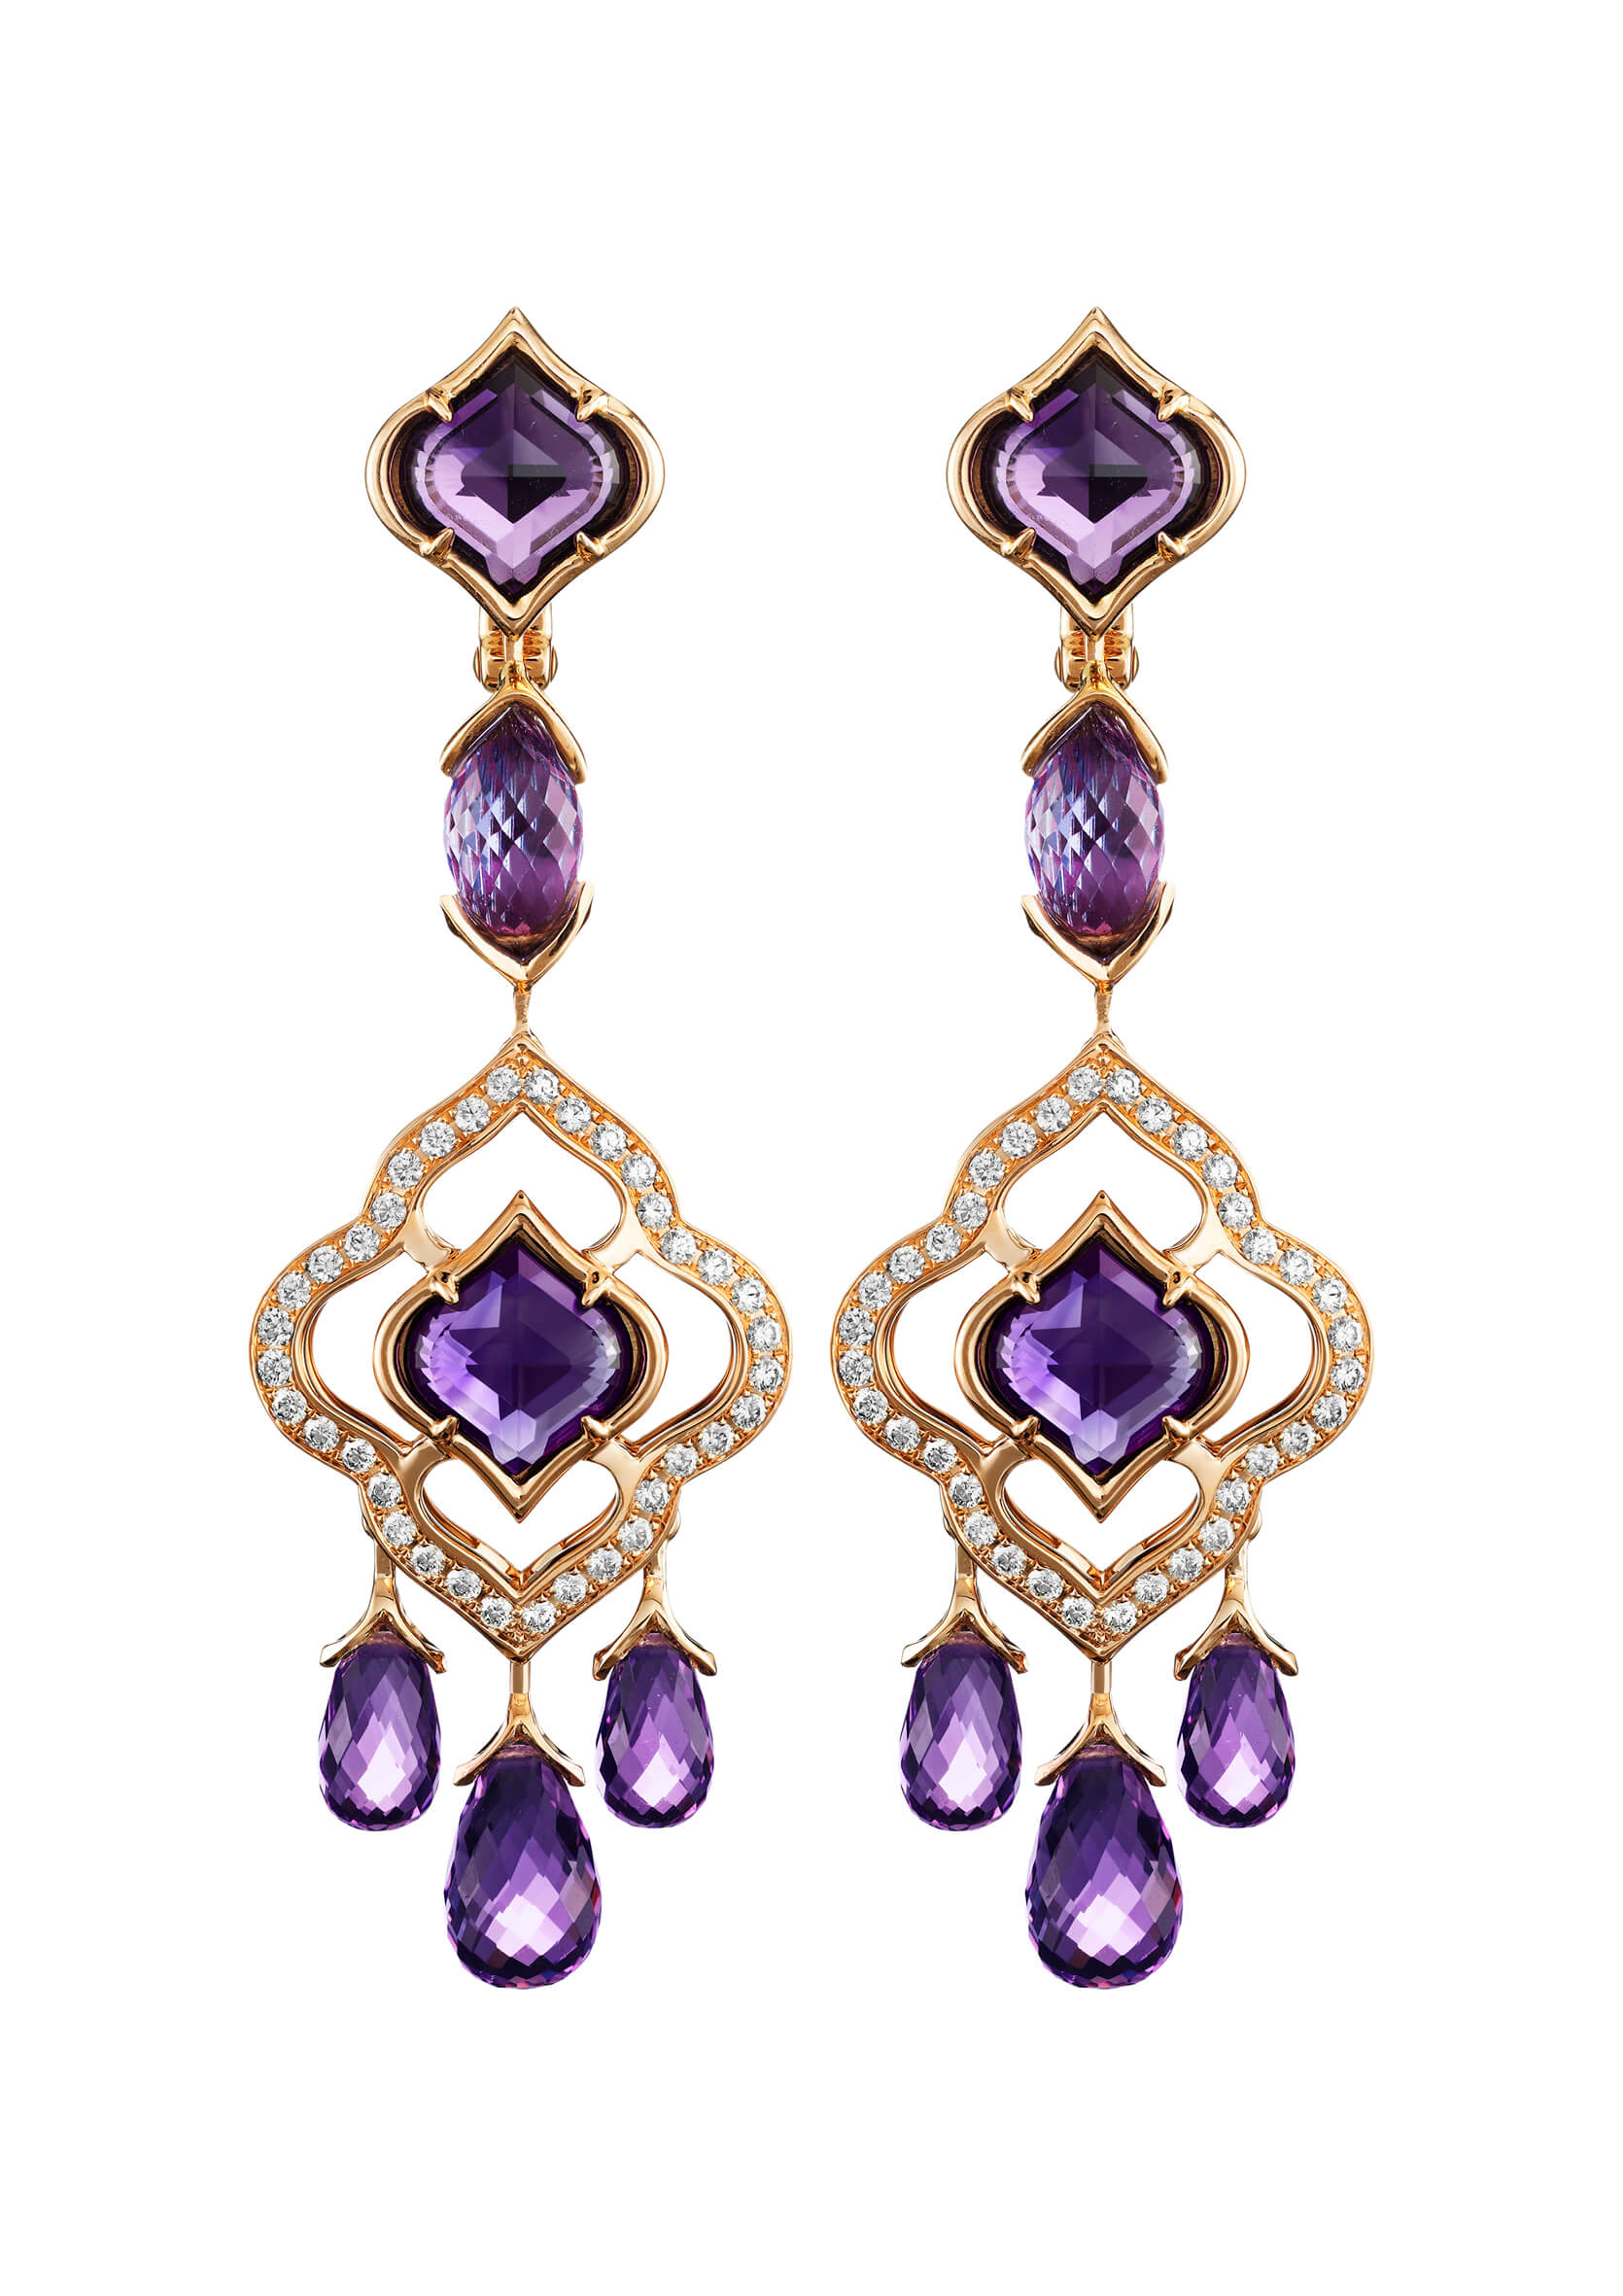 Las joyas Imperiale Chopard de la Emperatriz - Corazón de Joyas